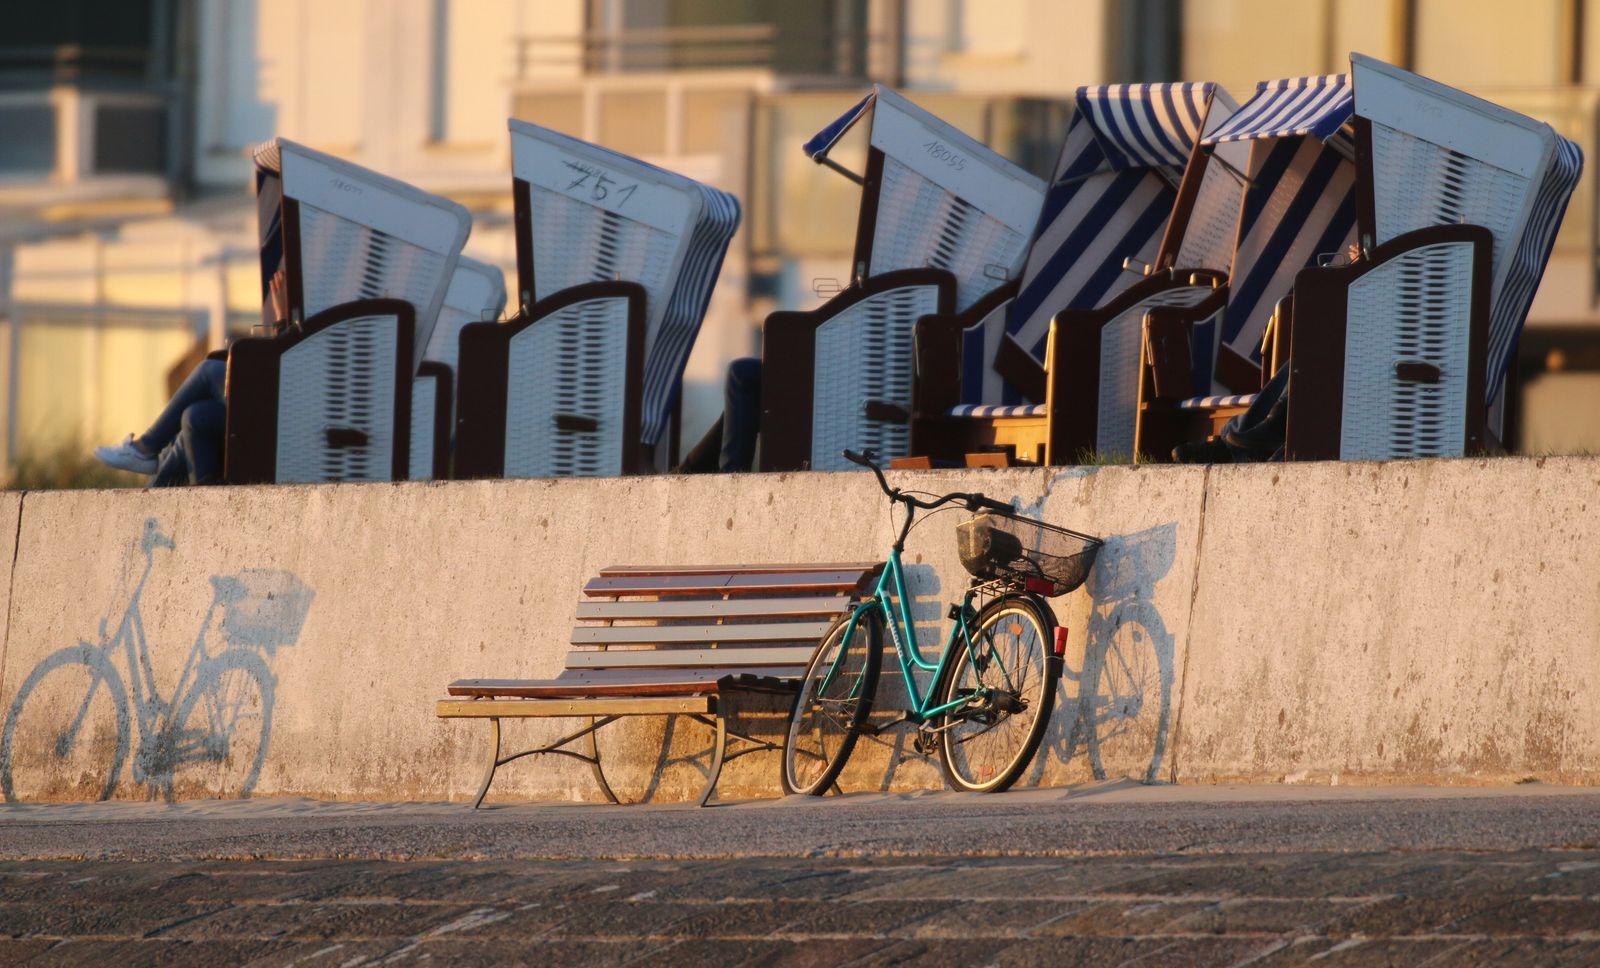 Strände in Niedersachsen machen sich bereit für Besucher